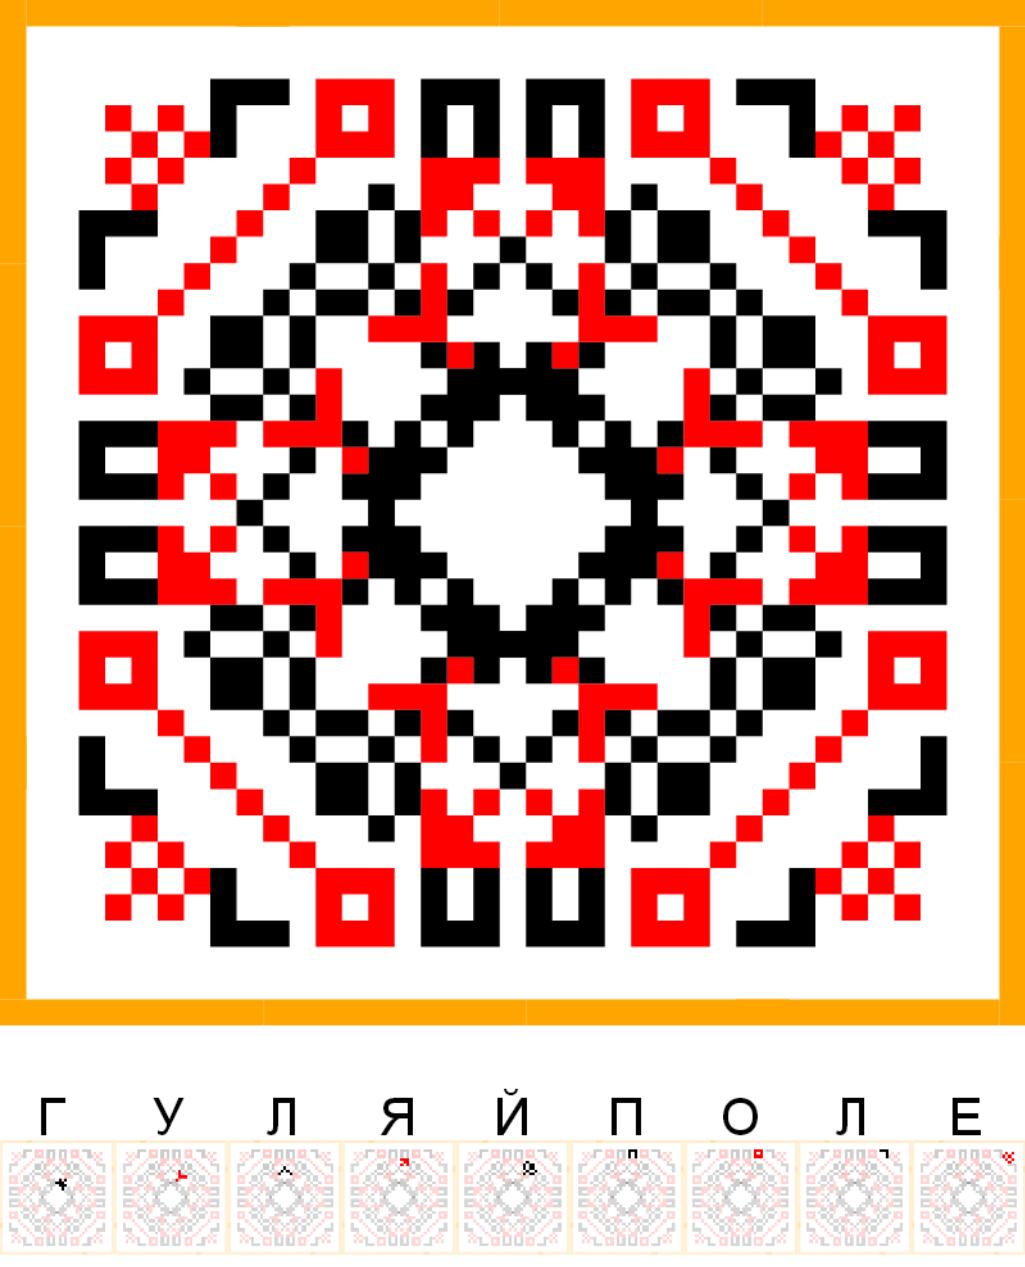 Текстовий слов'янський орнамент: Гуляйполе